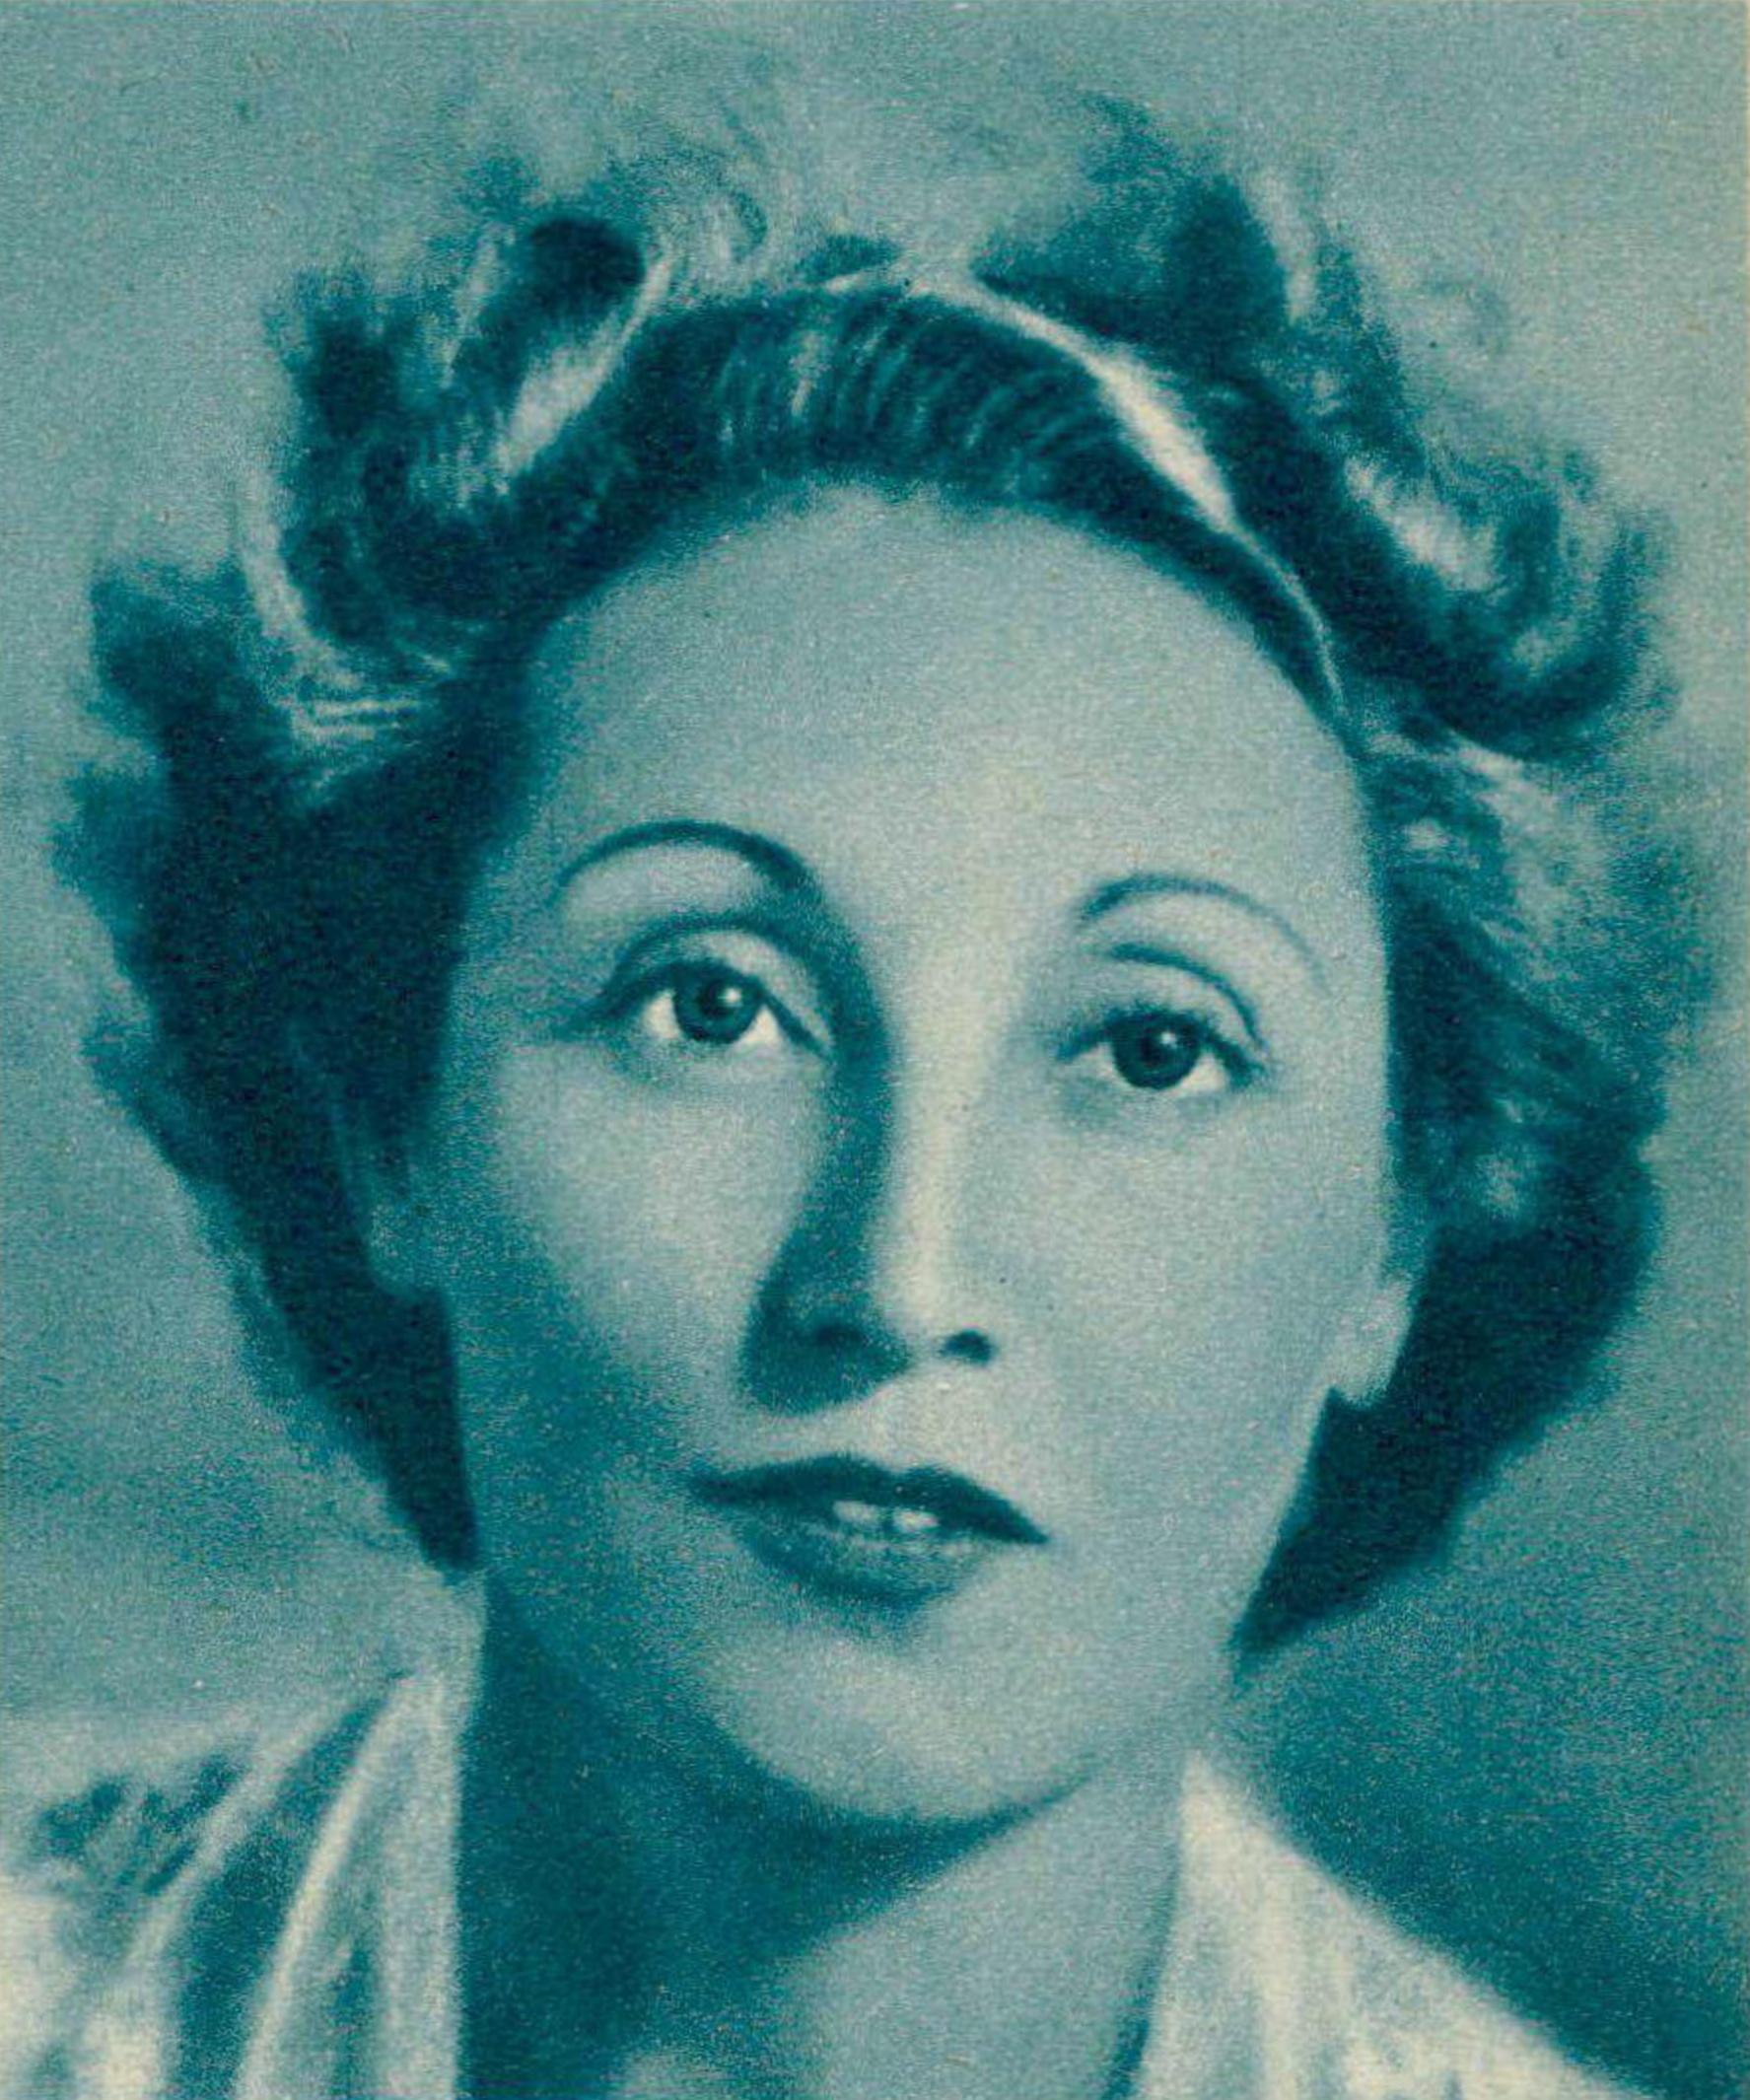 Jacqueline BLANCARD vers 1950, un portrait fait par ??, publié entre autres dans la revue Radio Actualités du 24 février 1950 en page 283